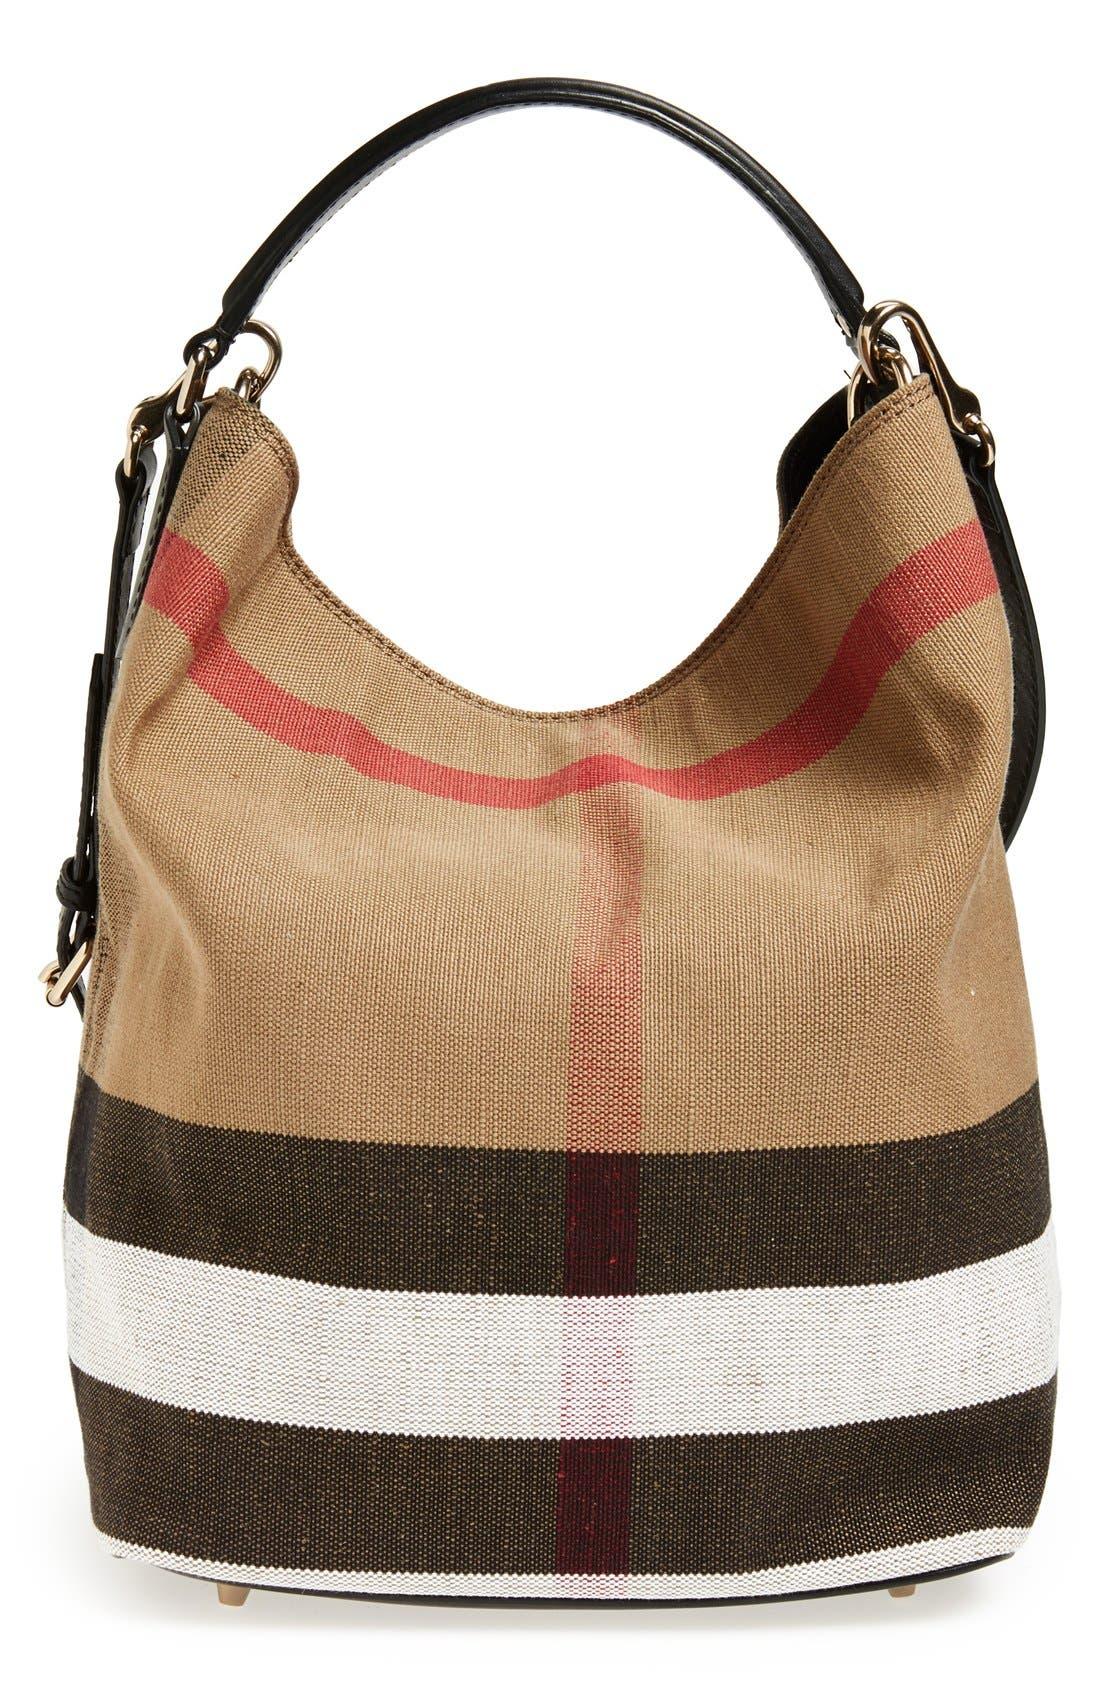 Medium Susanna Check Print Bucket Bag,                             Main thumbnail 1, color,                             Black